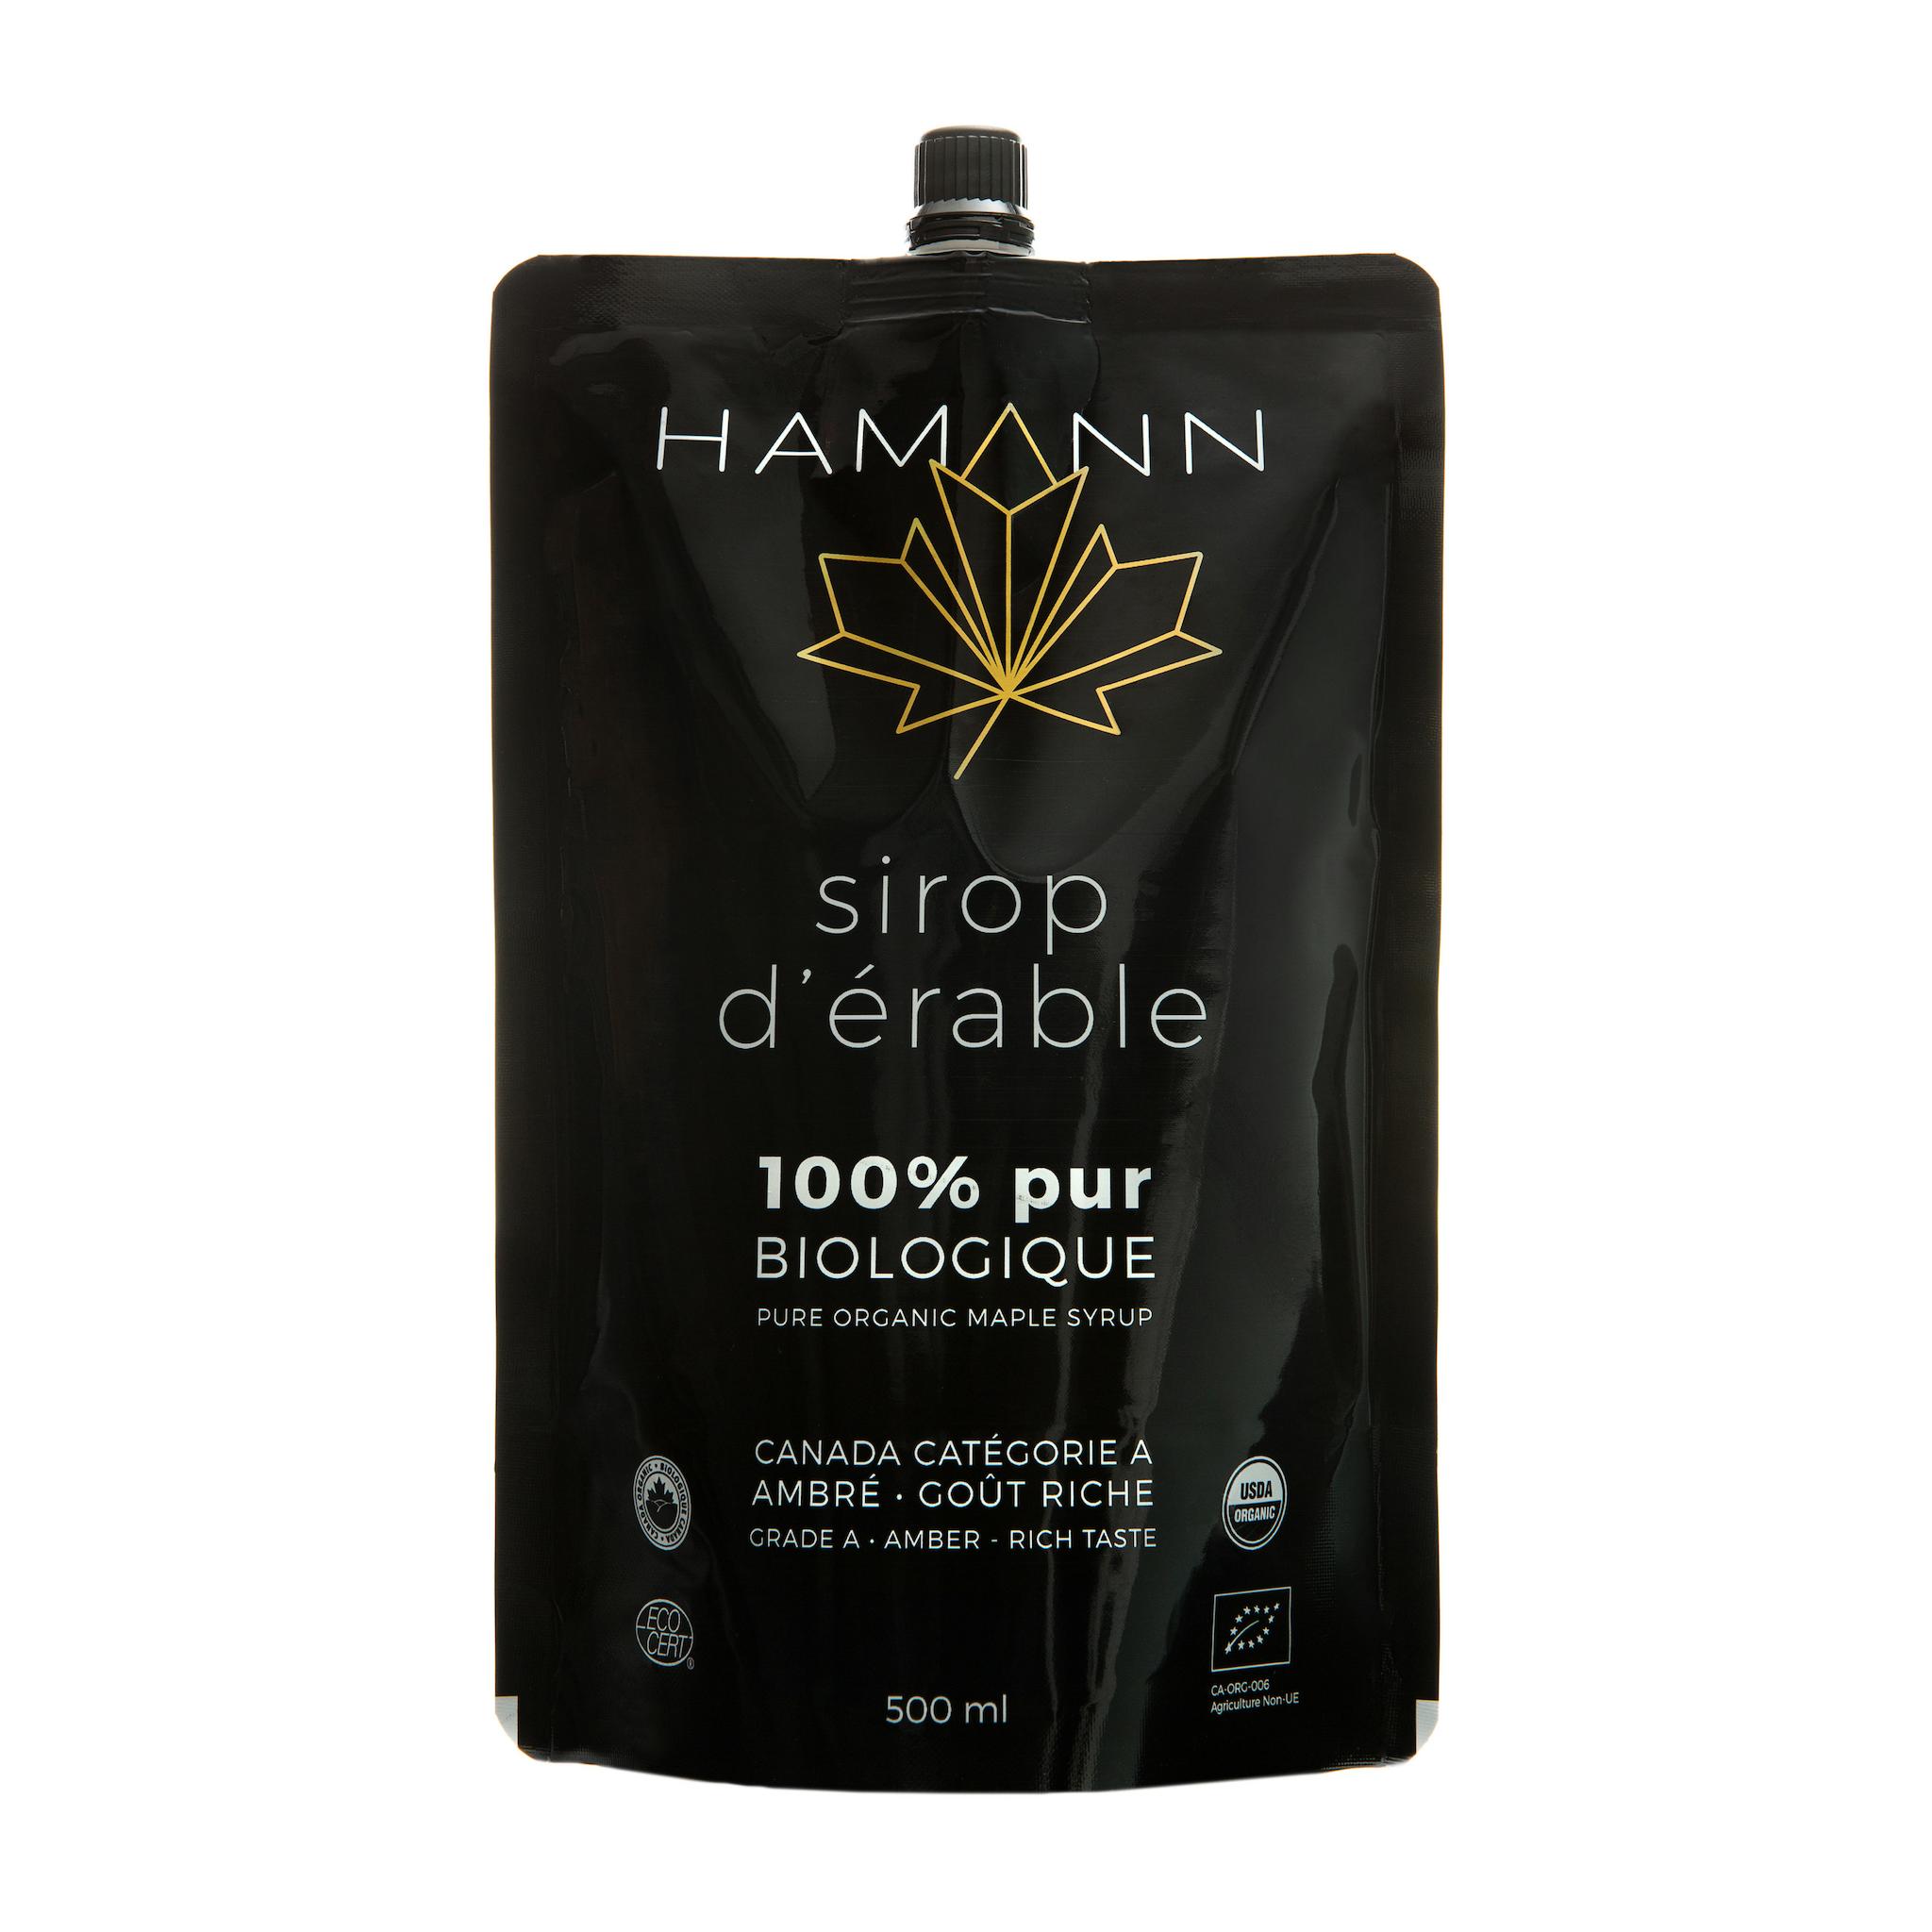 Sirop d'érable biologique, 100% pur - Hamann